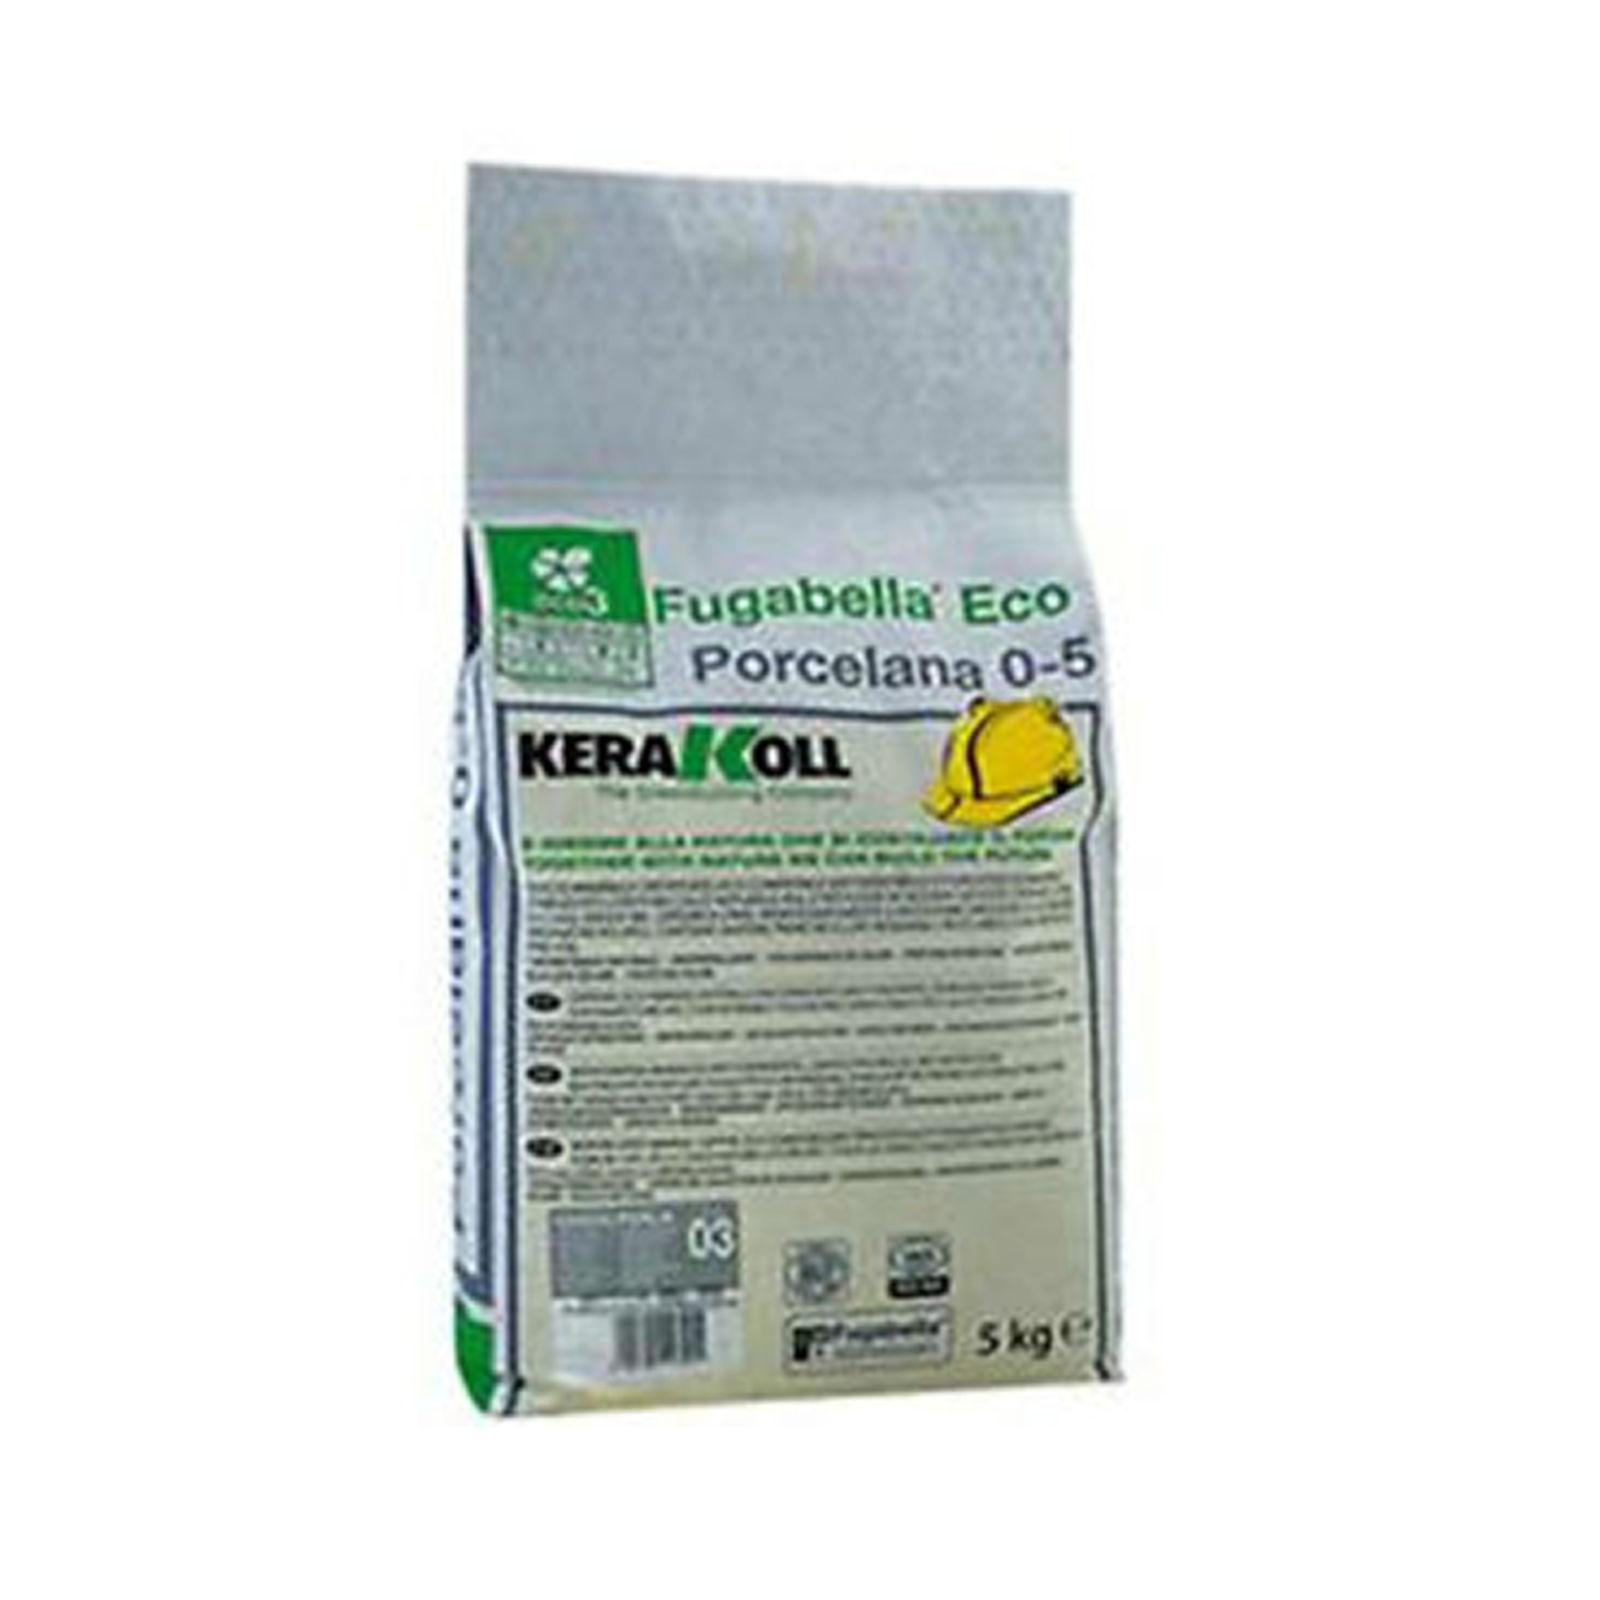 Kerakoll fugabella eco porcelana 0-5 fuga stucco per piastrelle colore caramel kg5